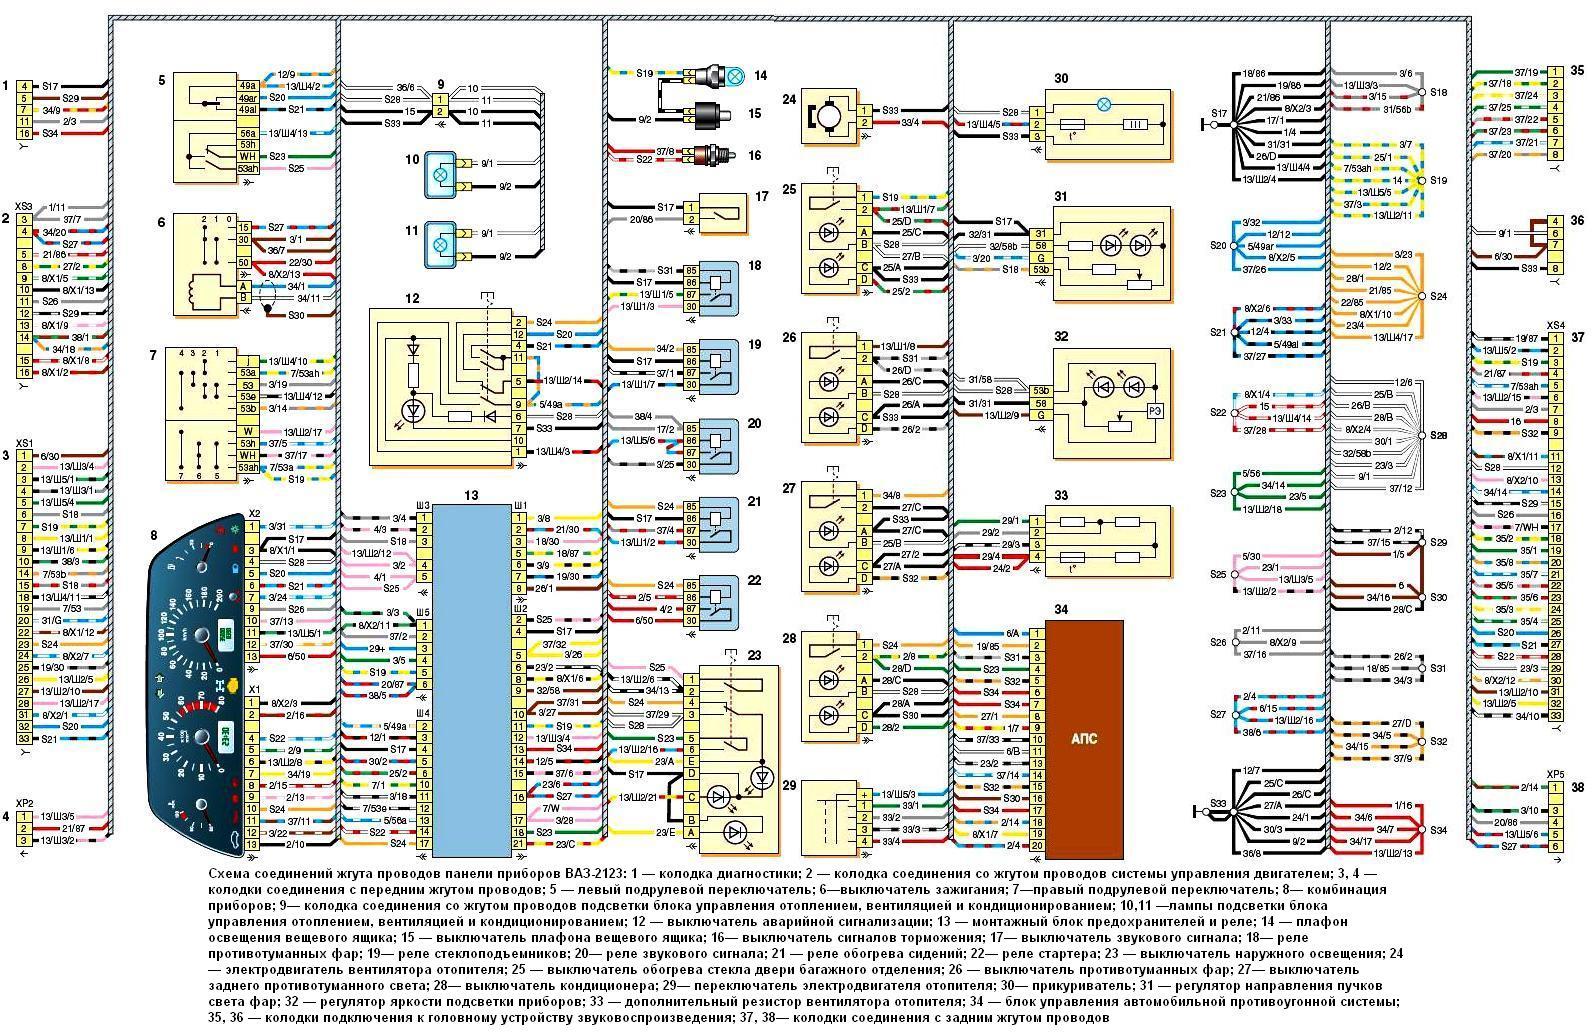 электрическая схема панели приборов нива шевроле 2123